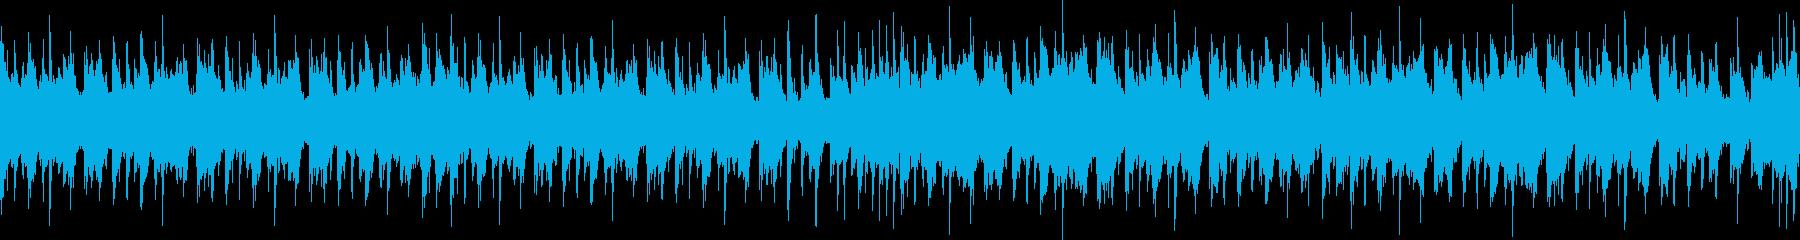 和風エキサイティングEDM・ループの再生済みの波形